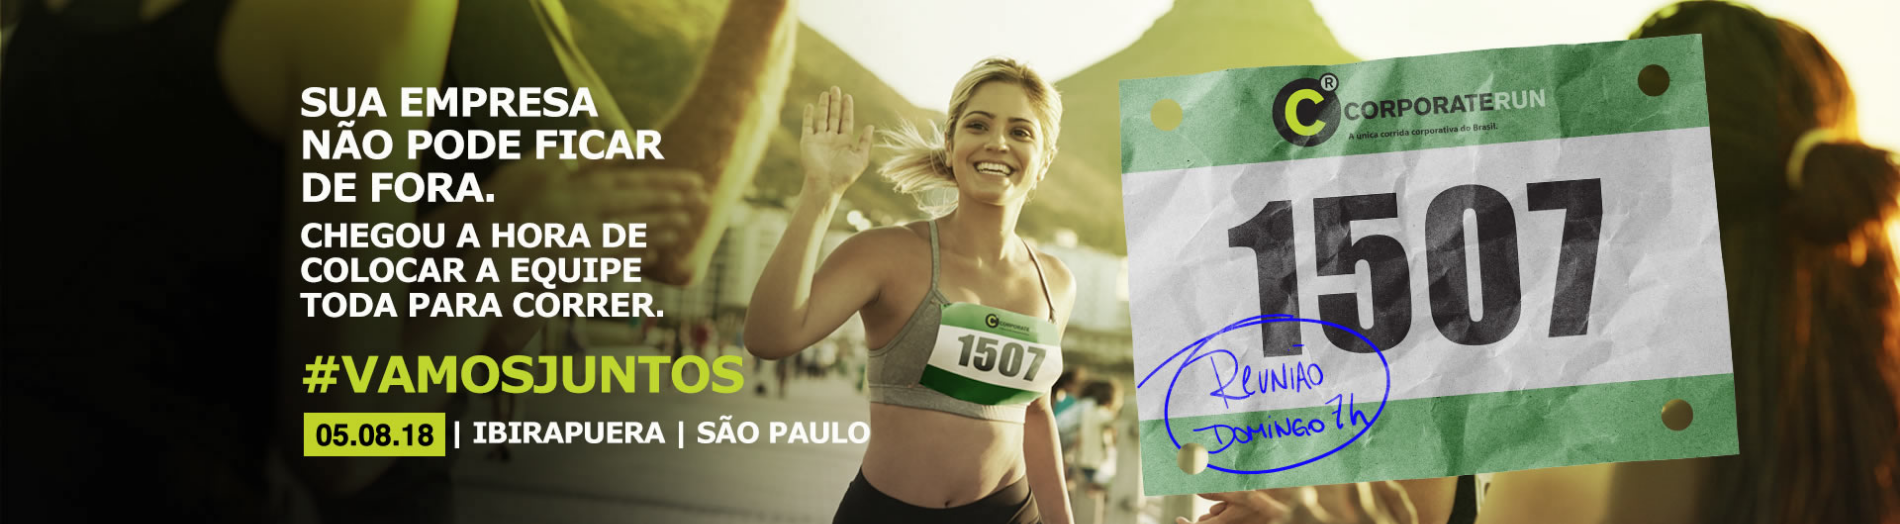 CORPORATE RUN 2018 - SÃO PAULO